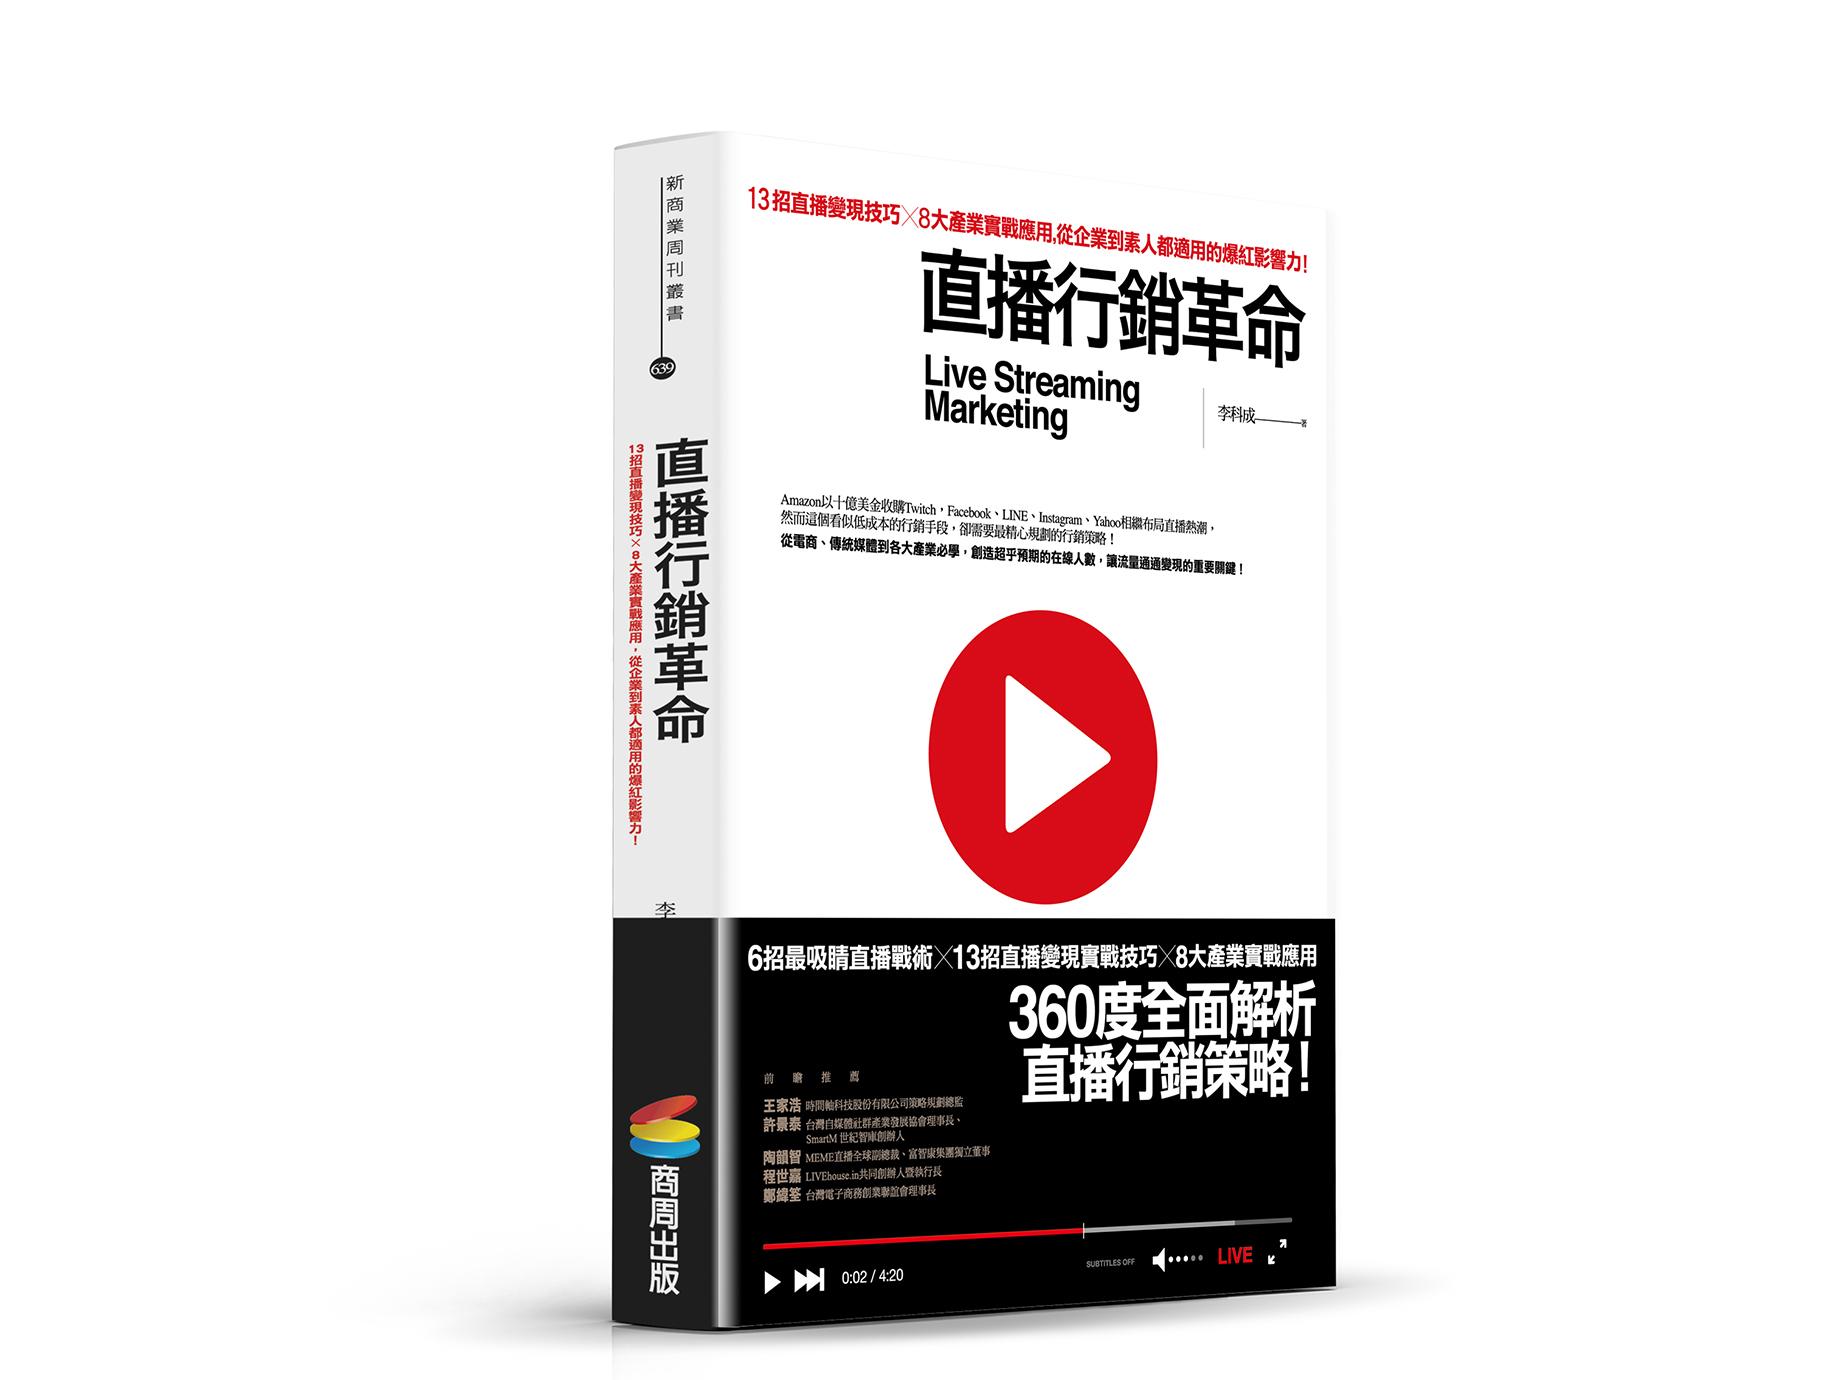 新書搶先看》打造話題、引爆訂單的企業直播